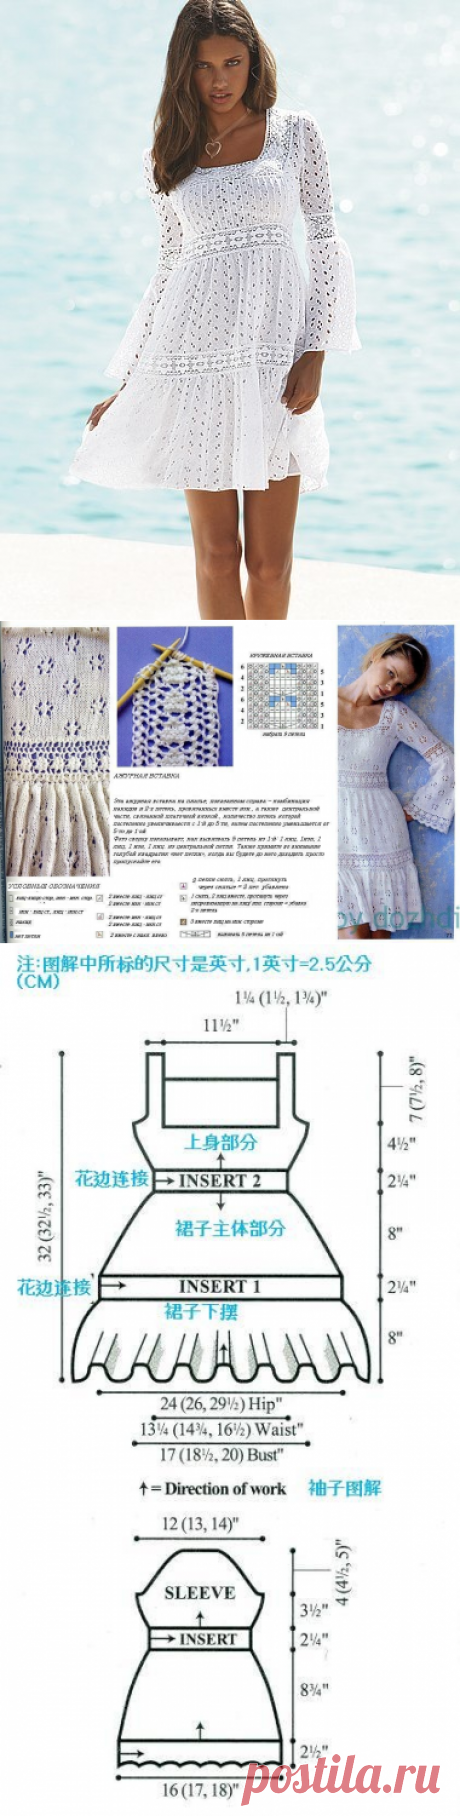 Patron Crochet Vestido Romantico - Patrones Crochet